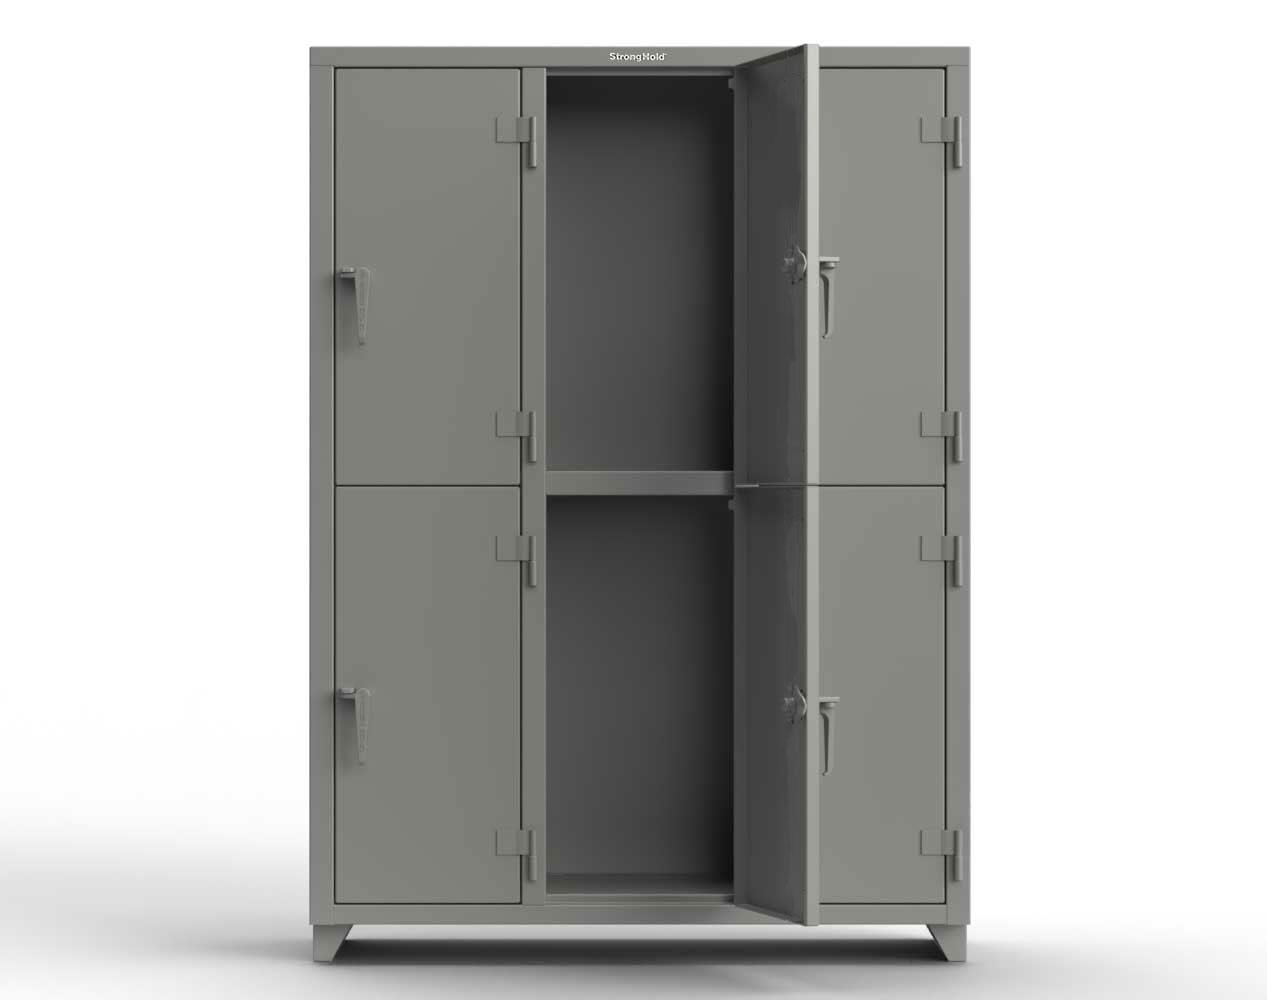 Extra Heavy Duty 14 GA Double-Tier Locker, 6 Compartments – 54 in. W x 18 in. D x 75 in. H